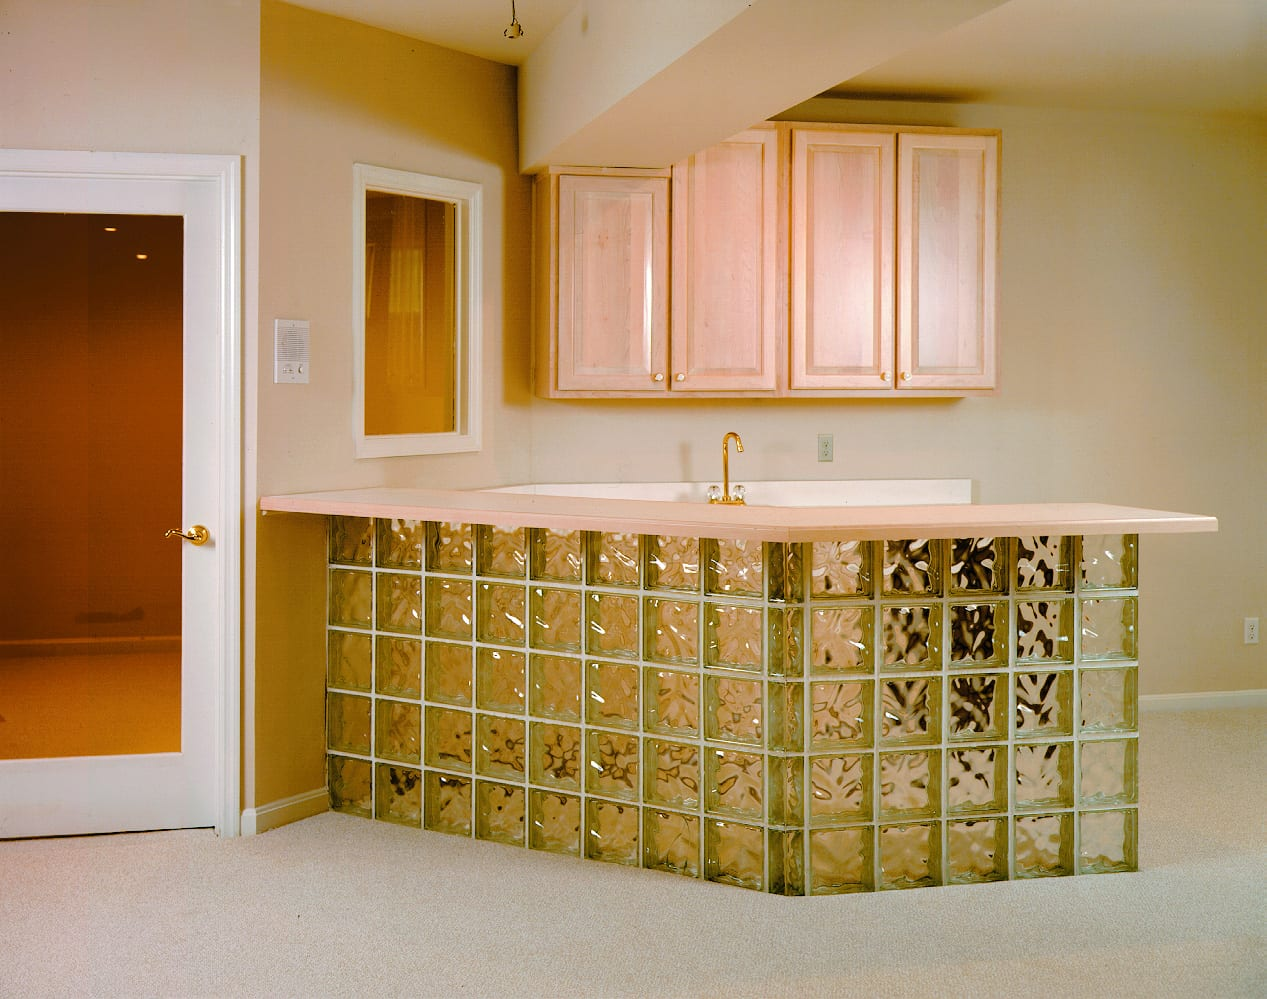 küchentheke-aus-glassteinen-für-kleine-küche